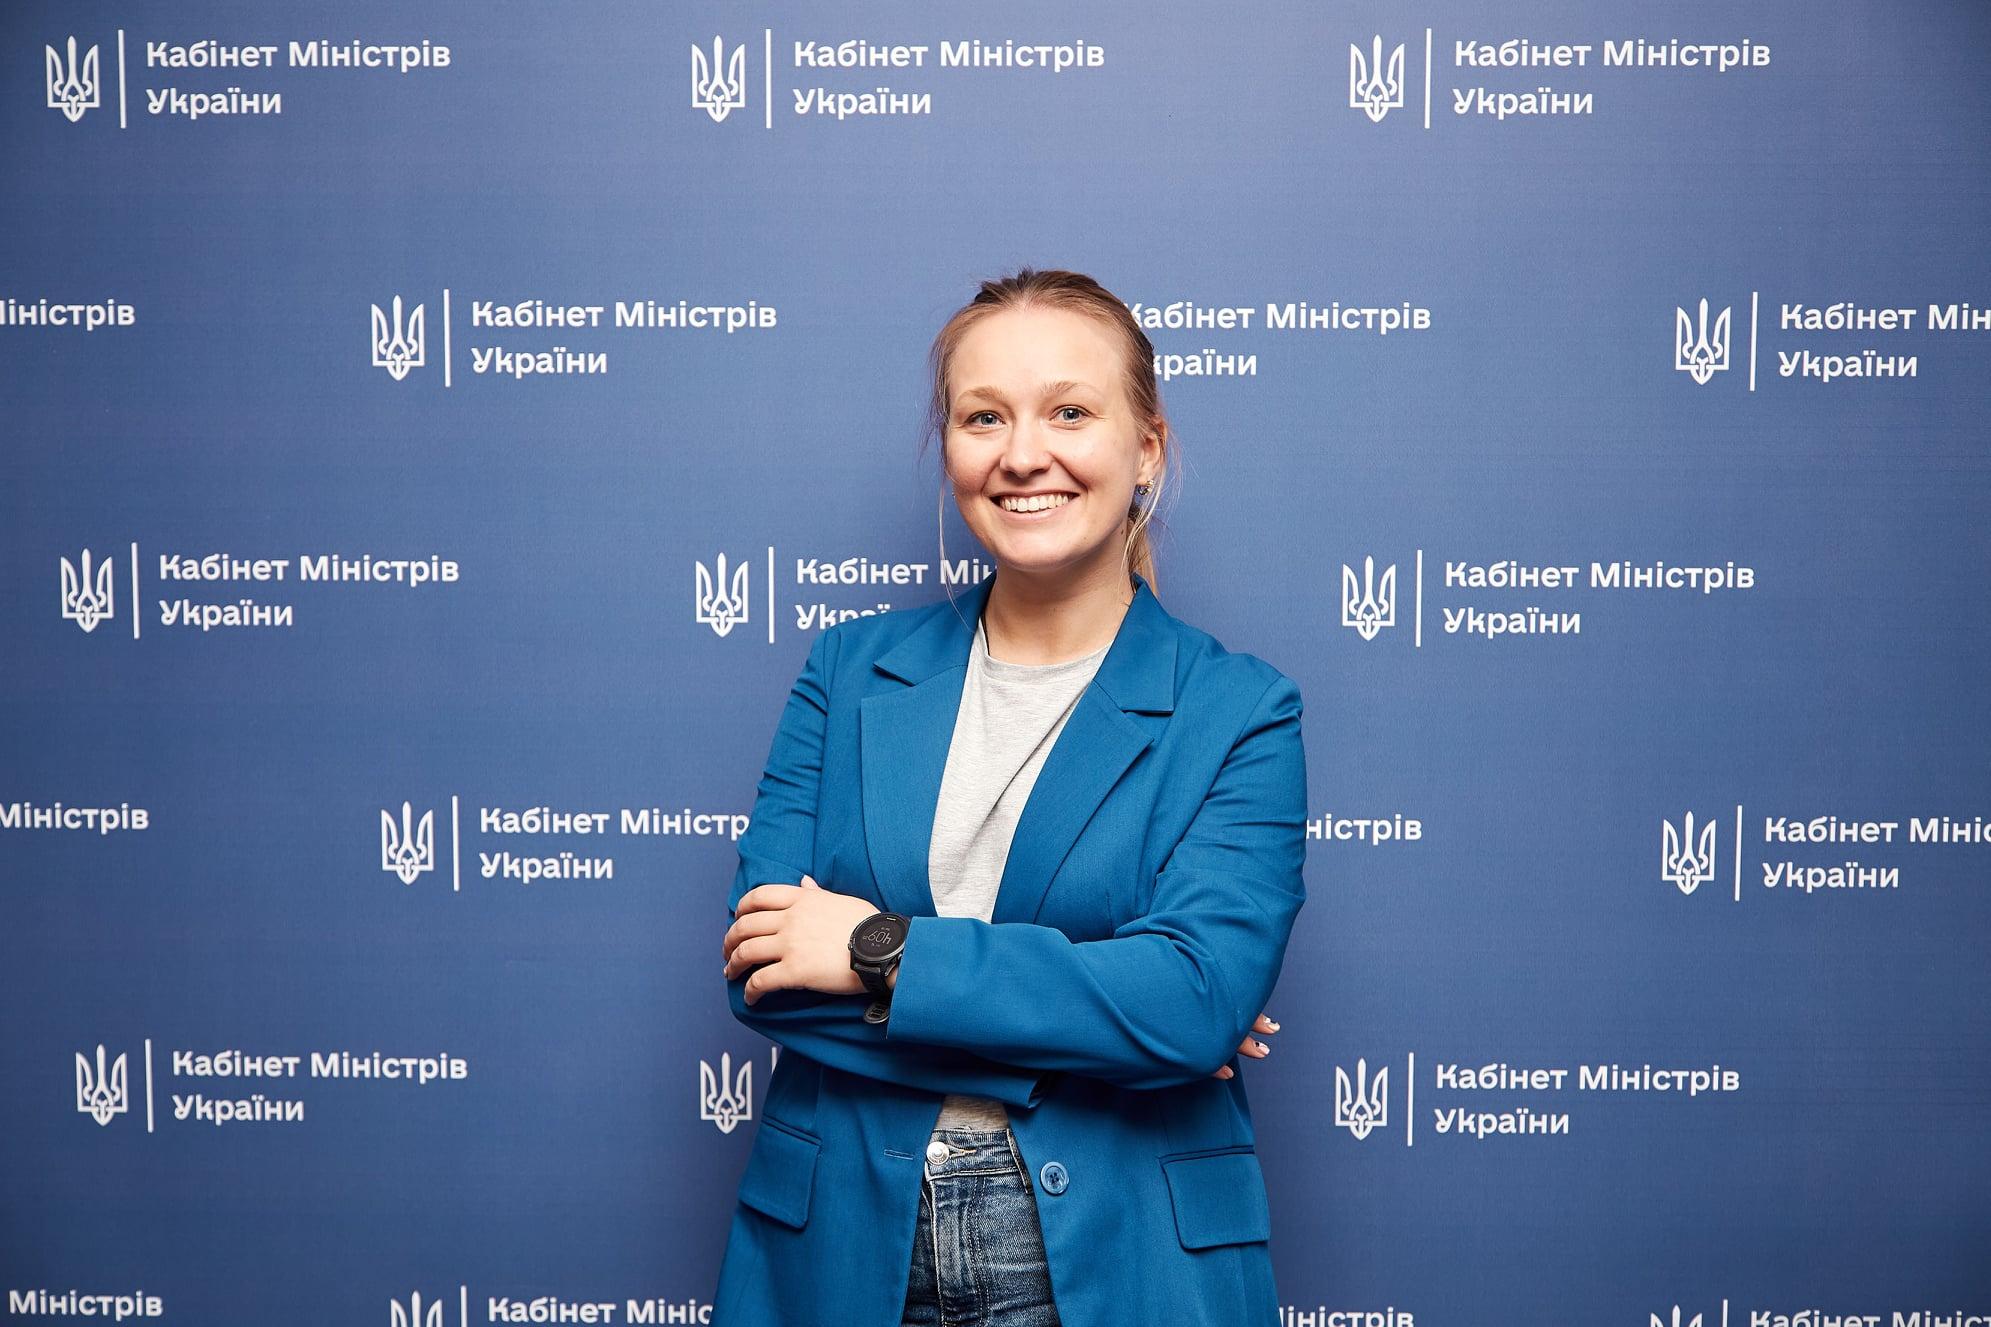 Валерия Ионан, маркетинговый эксперт и заместитель министра цифровой трансформации